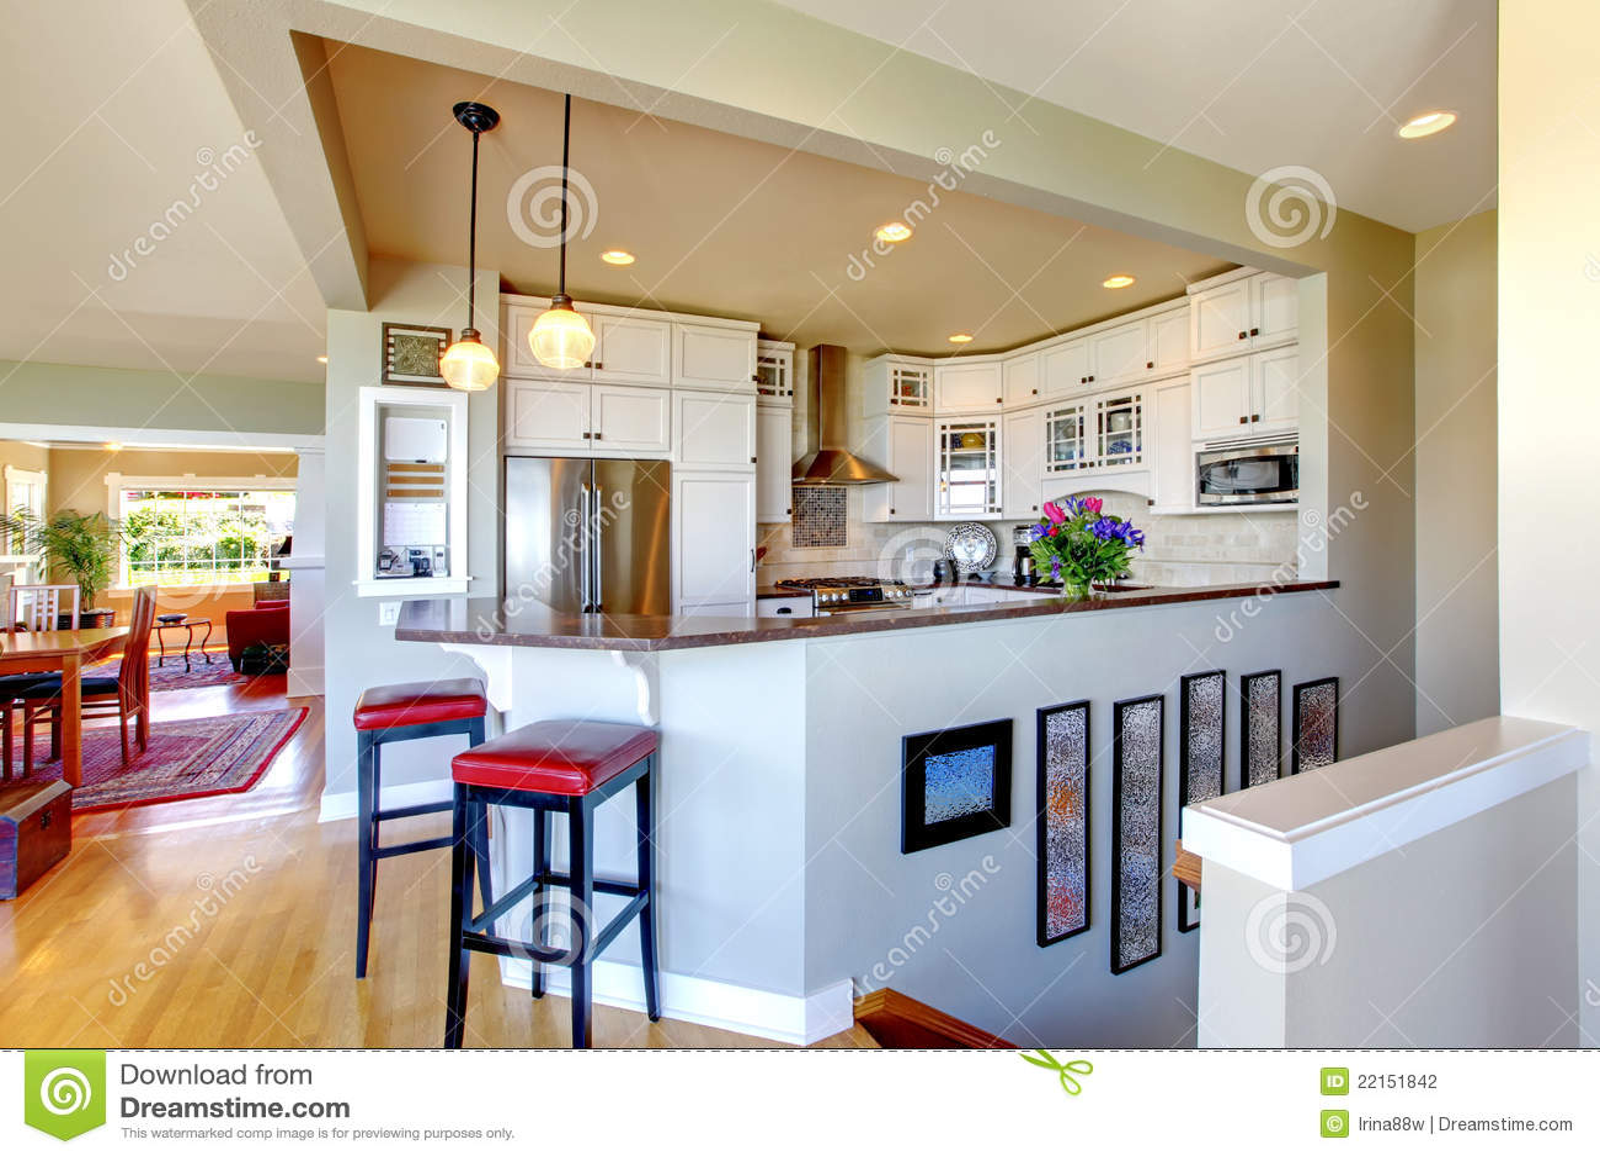 Dise o interior de la cocina cabinas y barra blancas for Cocina cerrada con barra